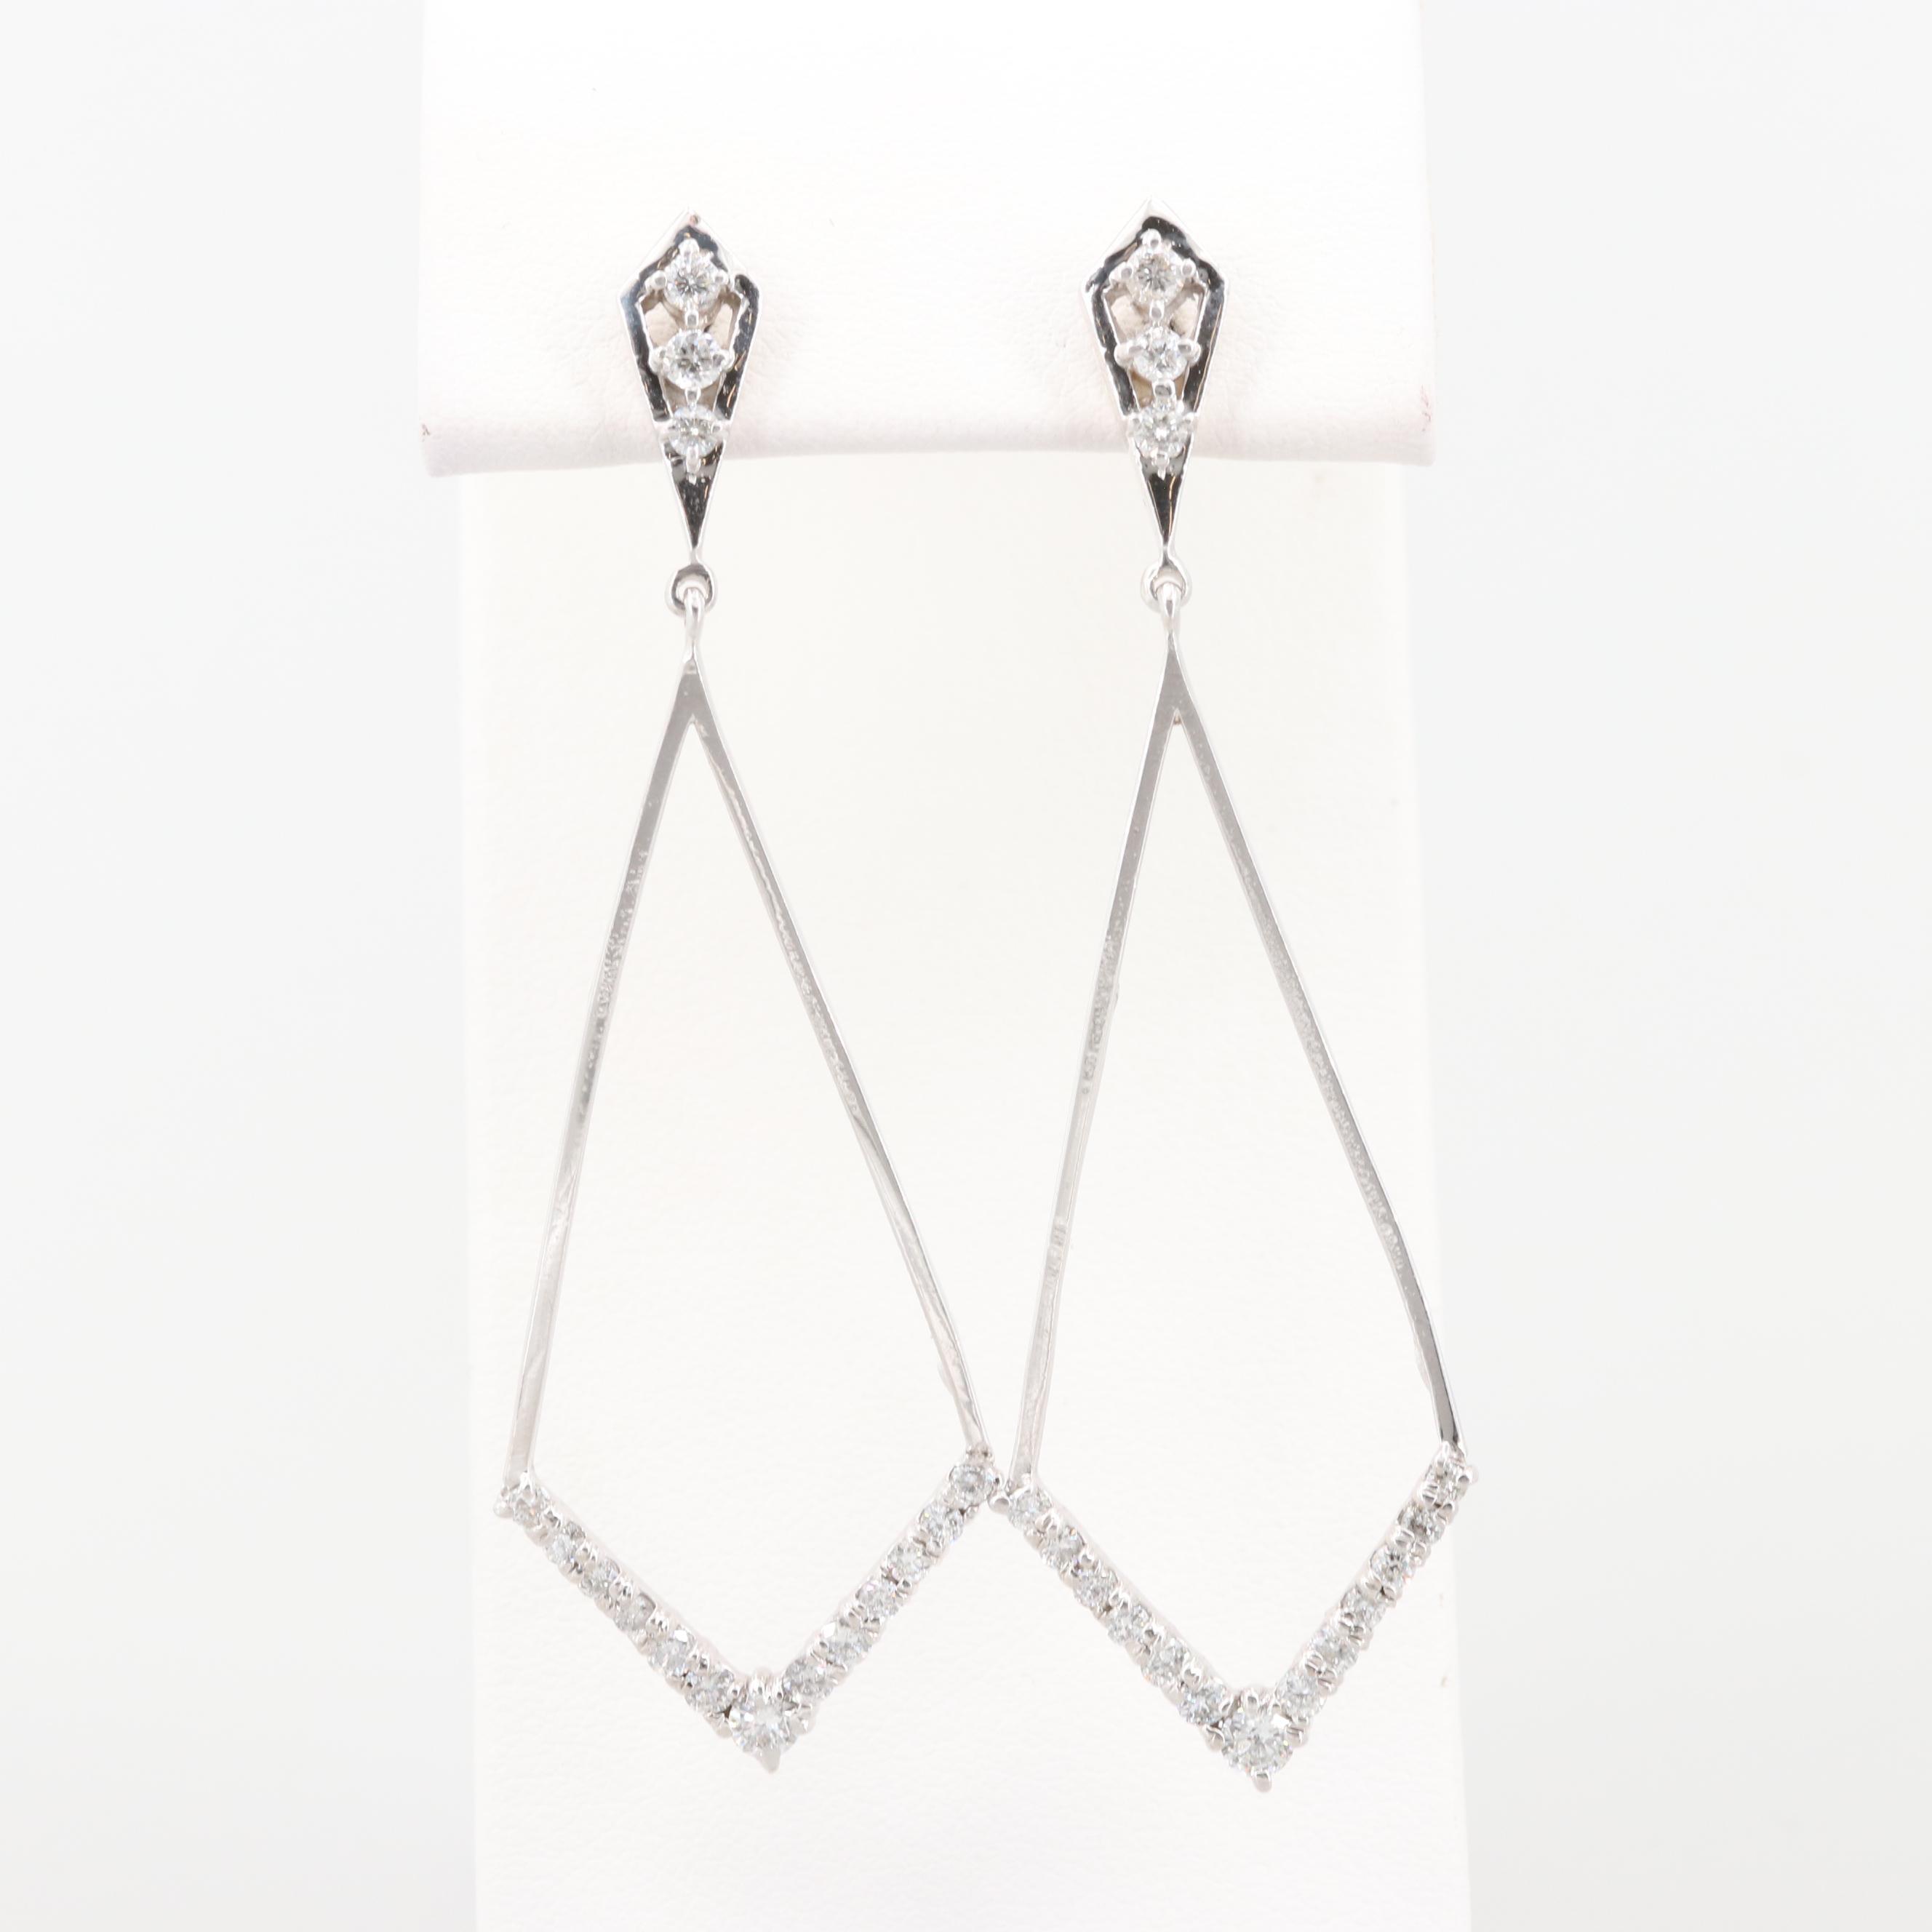 14K White Gold 1.00 CTW Diamond Dangle Earrings